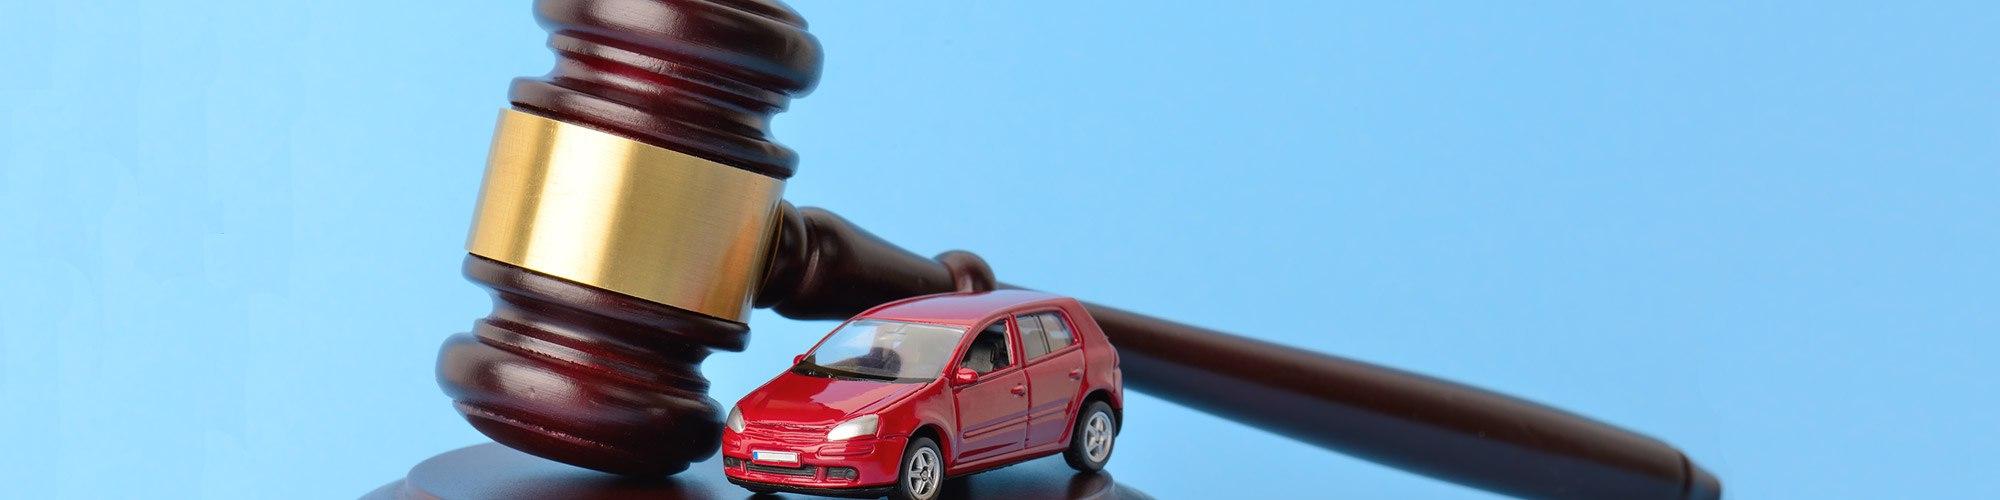 водительский юрист